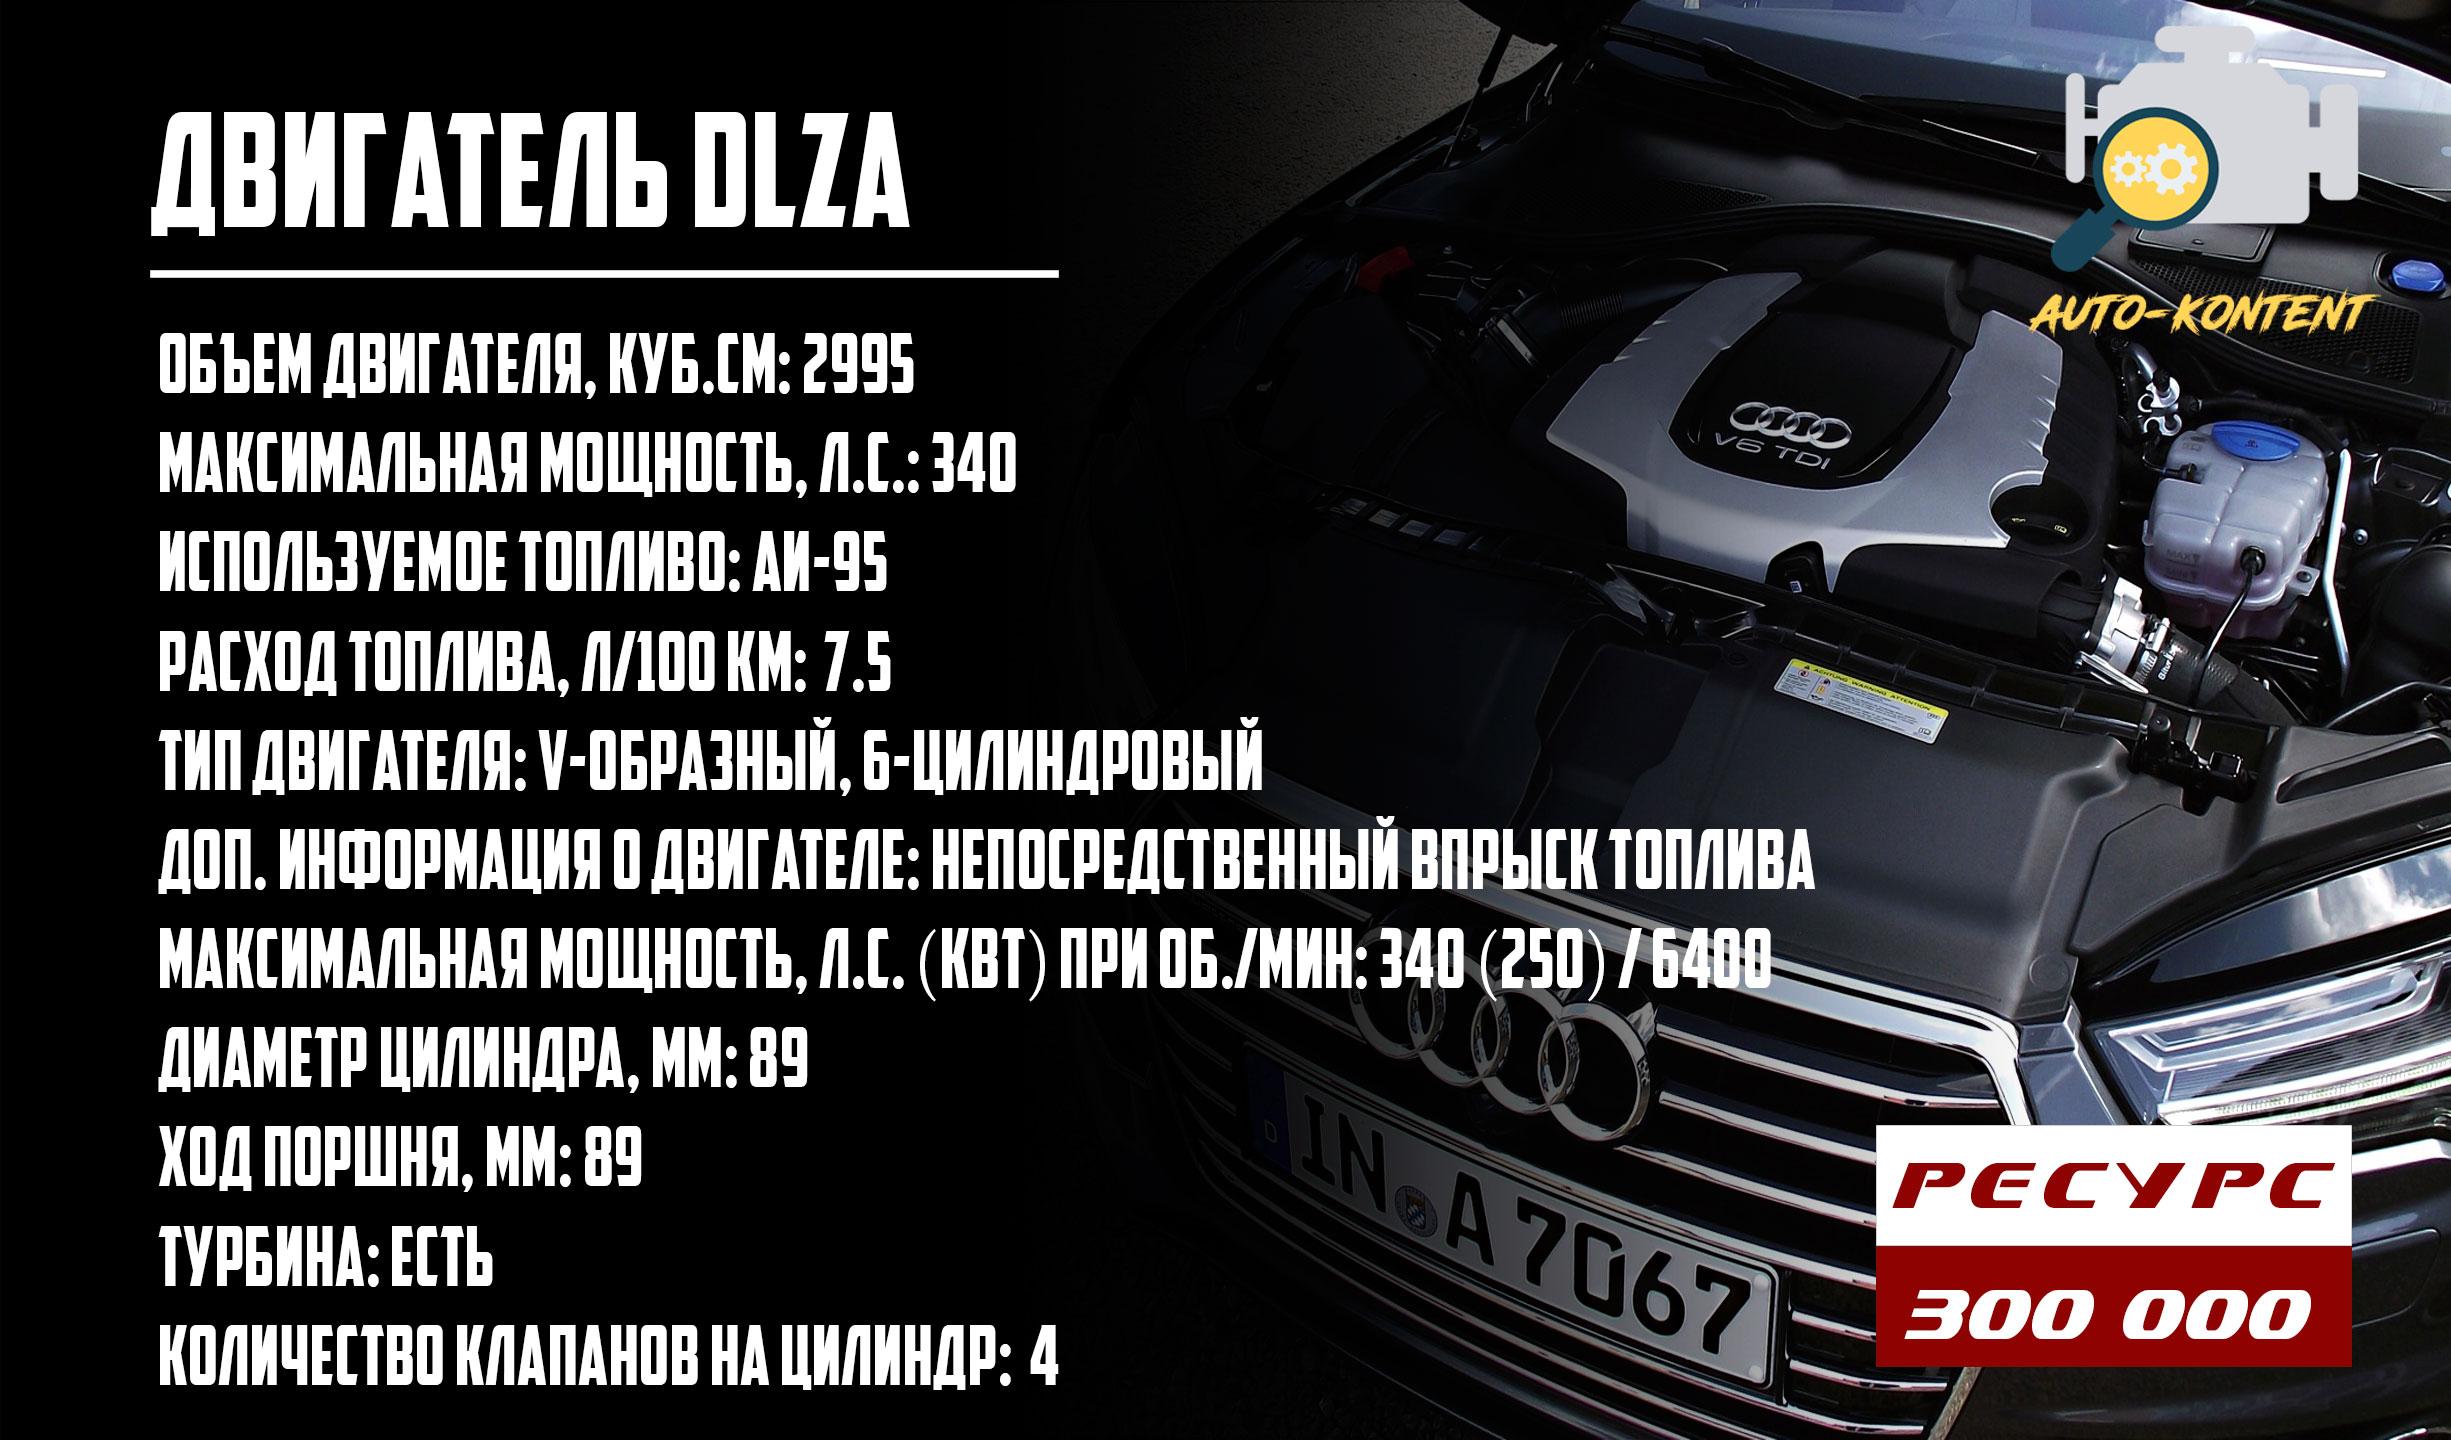 ресурс двигателя DLZA